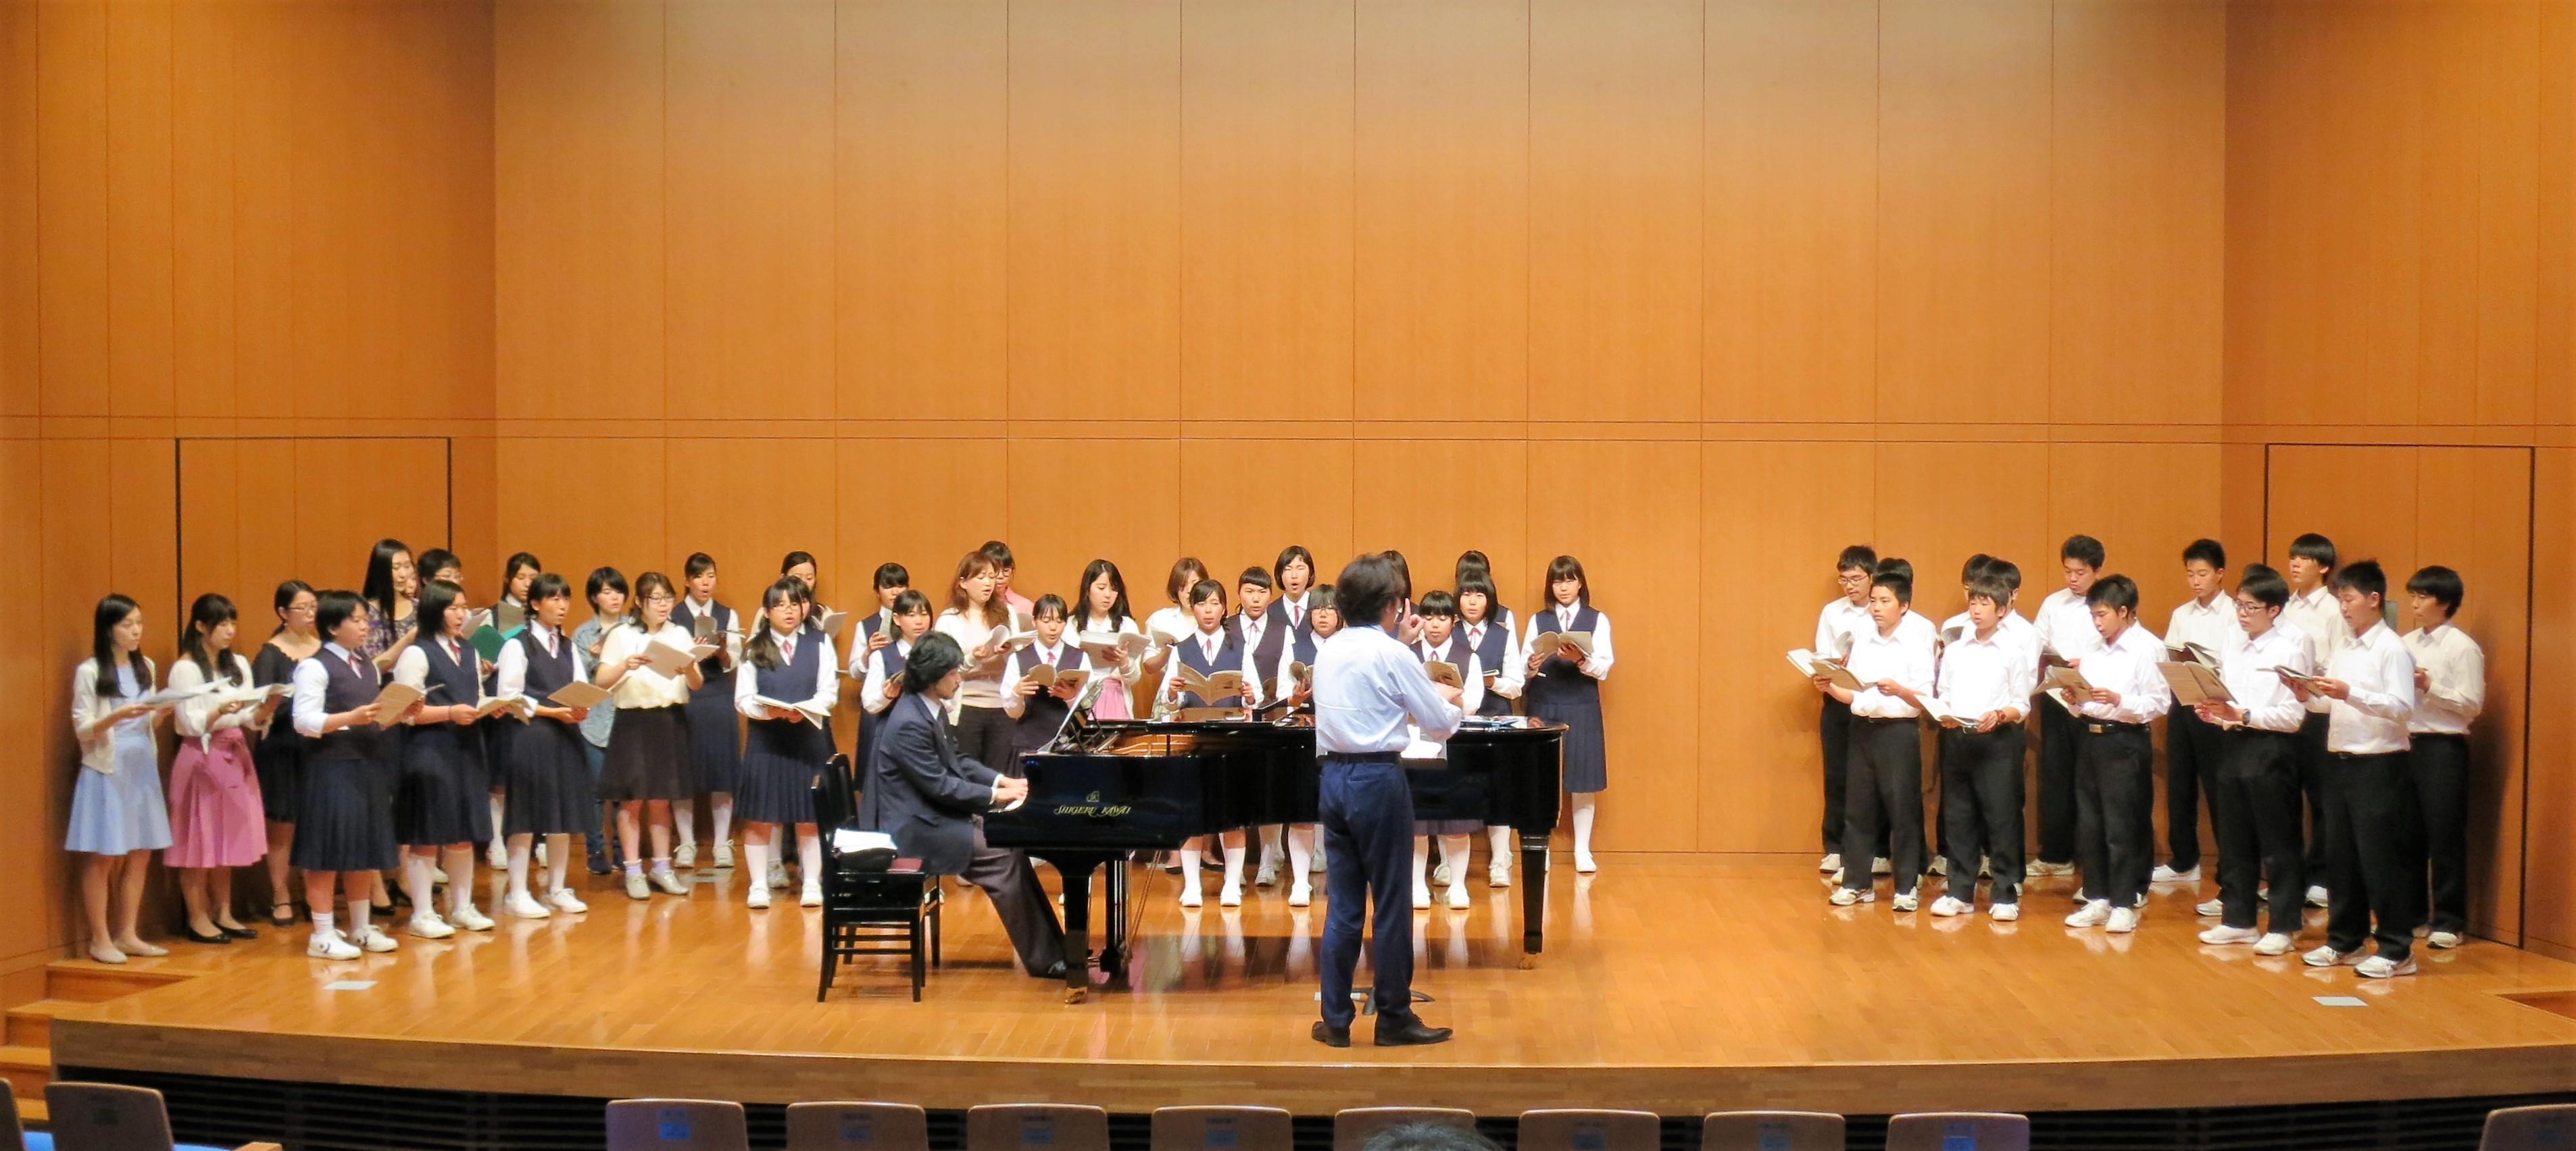 ともに歌い合い、学ぶ ~京都の中学生が音楽学部で合唱授業を体験~